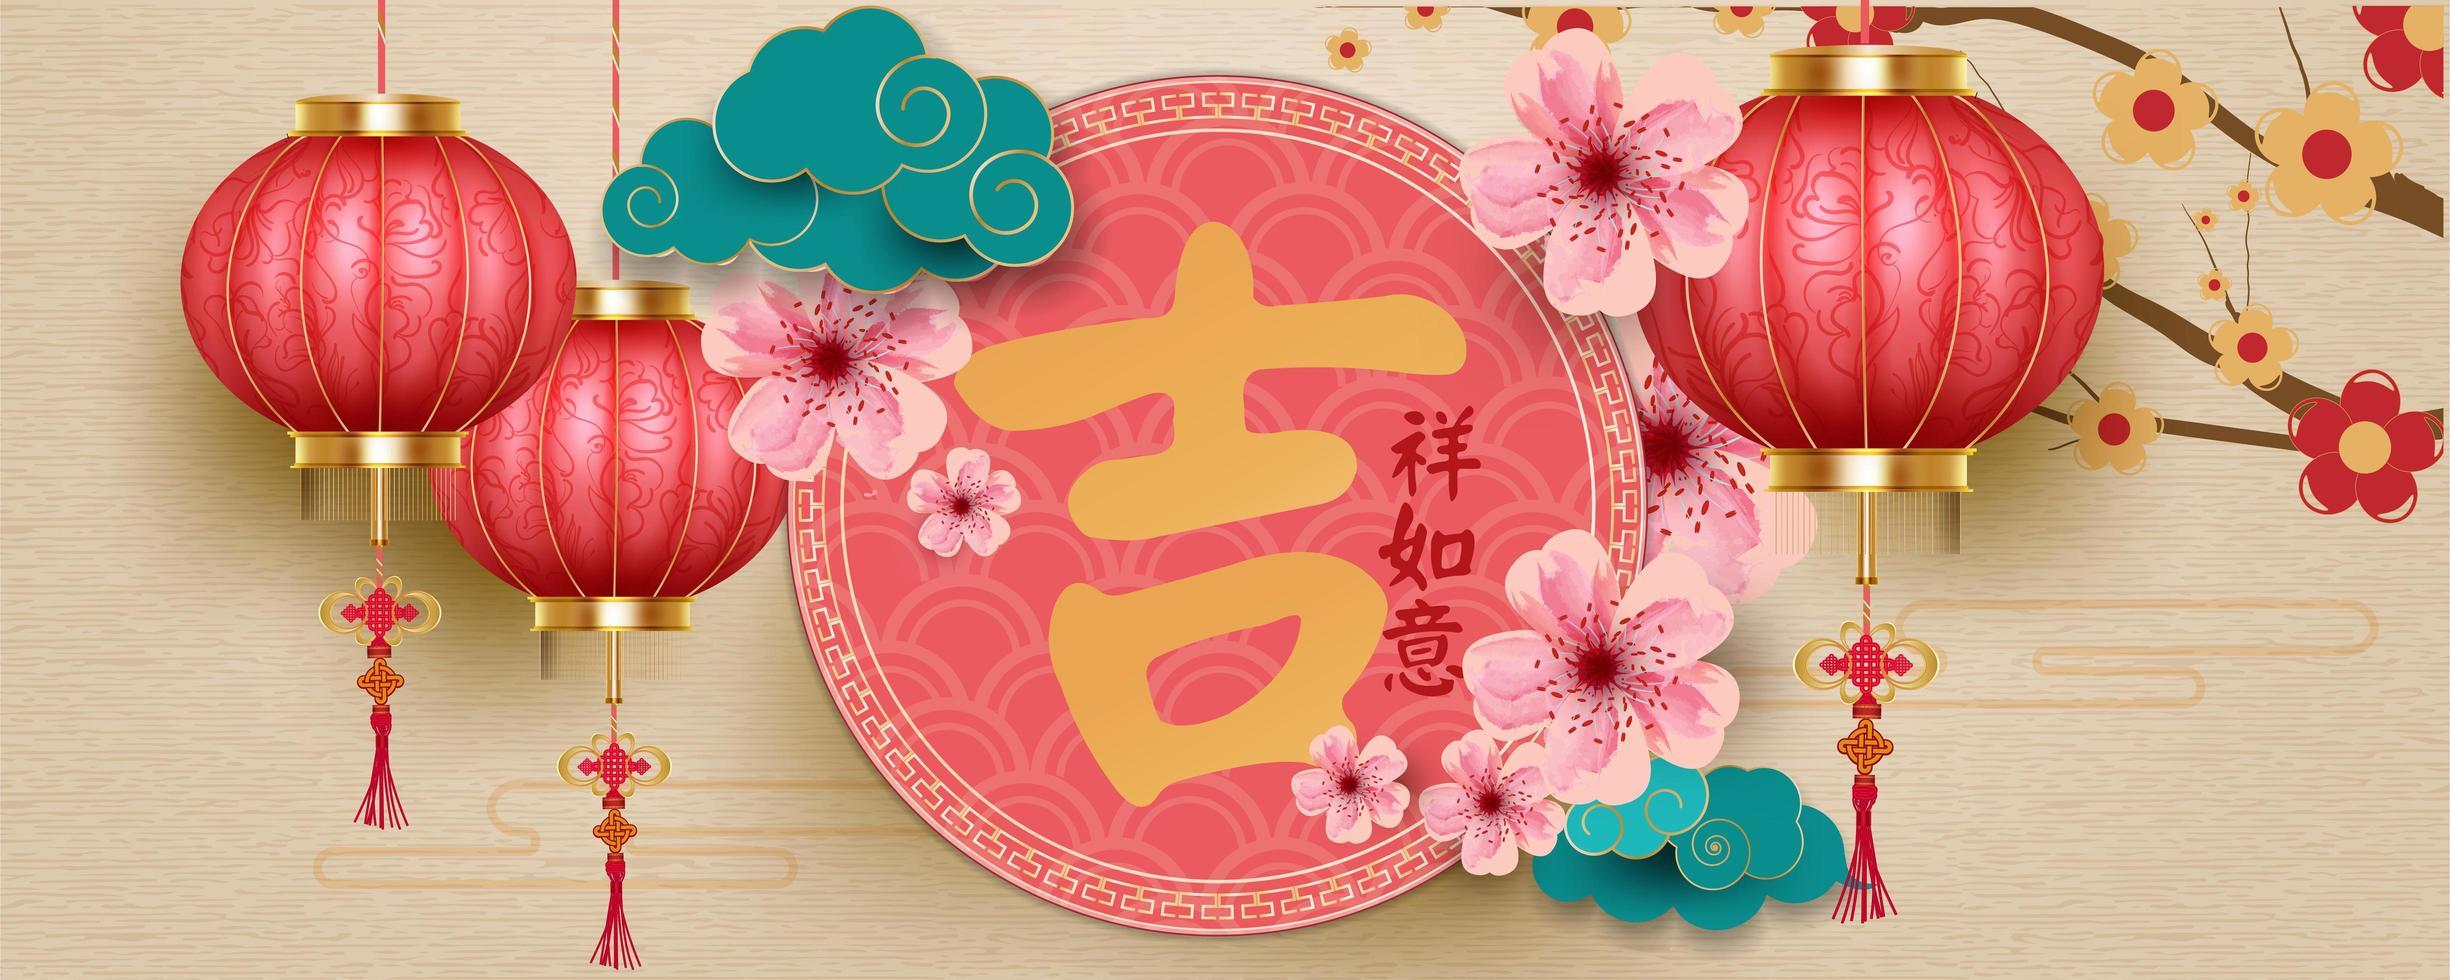 Fond de nouvel an chinois avec des lanternes, des fleurs et des nuages vecteur